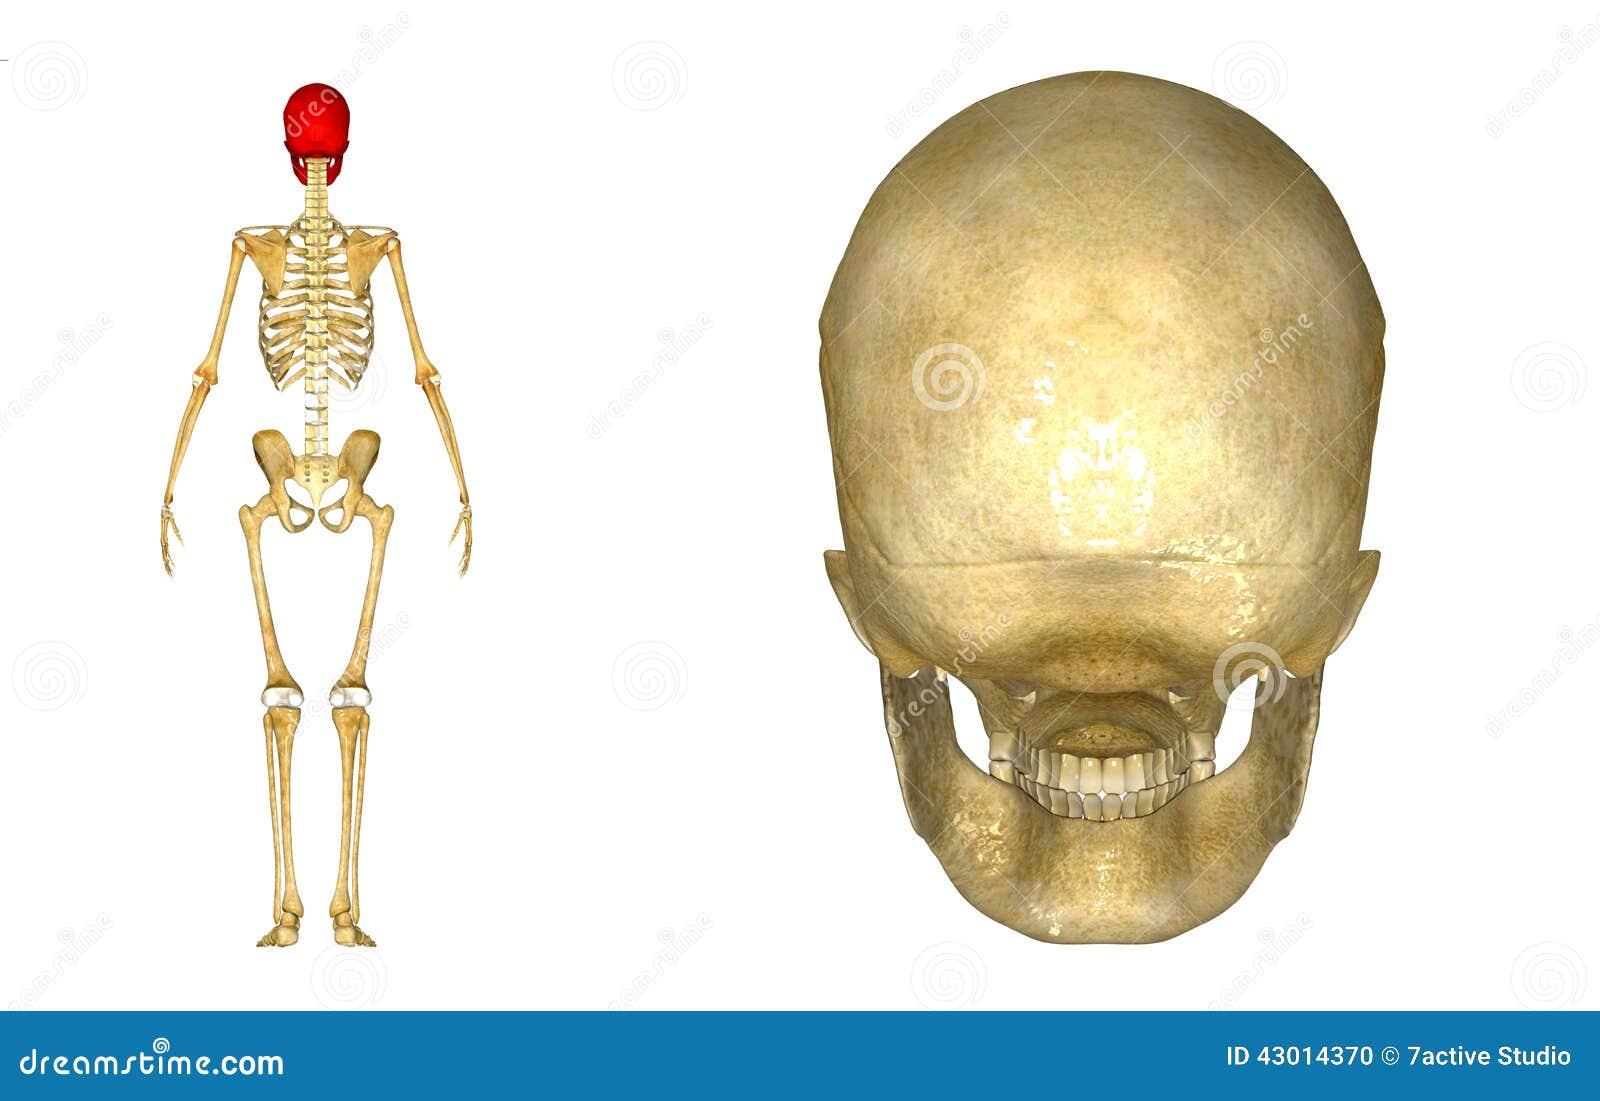 Human Skull back stock illustration. Illustration of fitness - 43014370